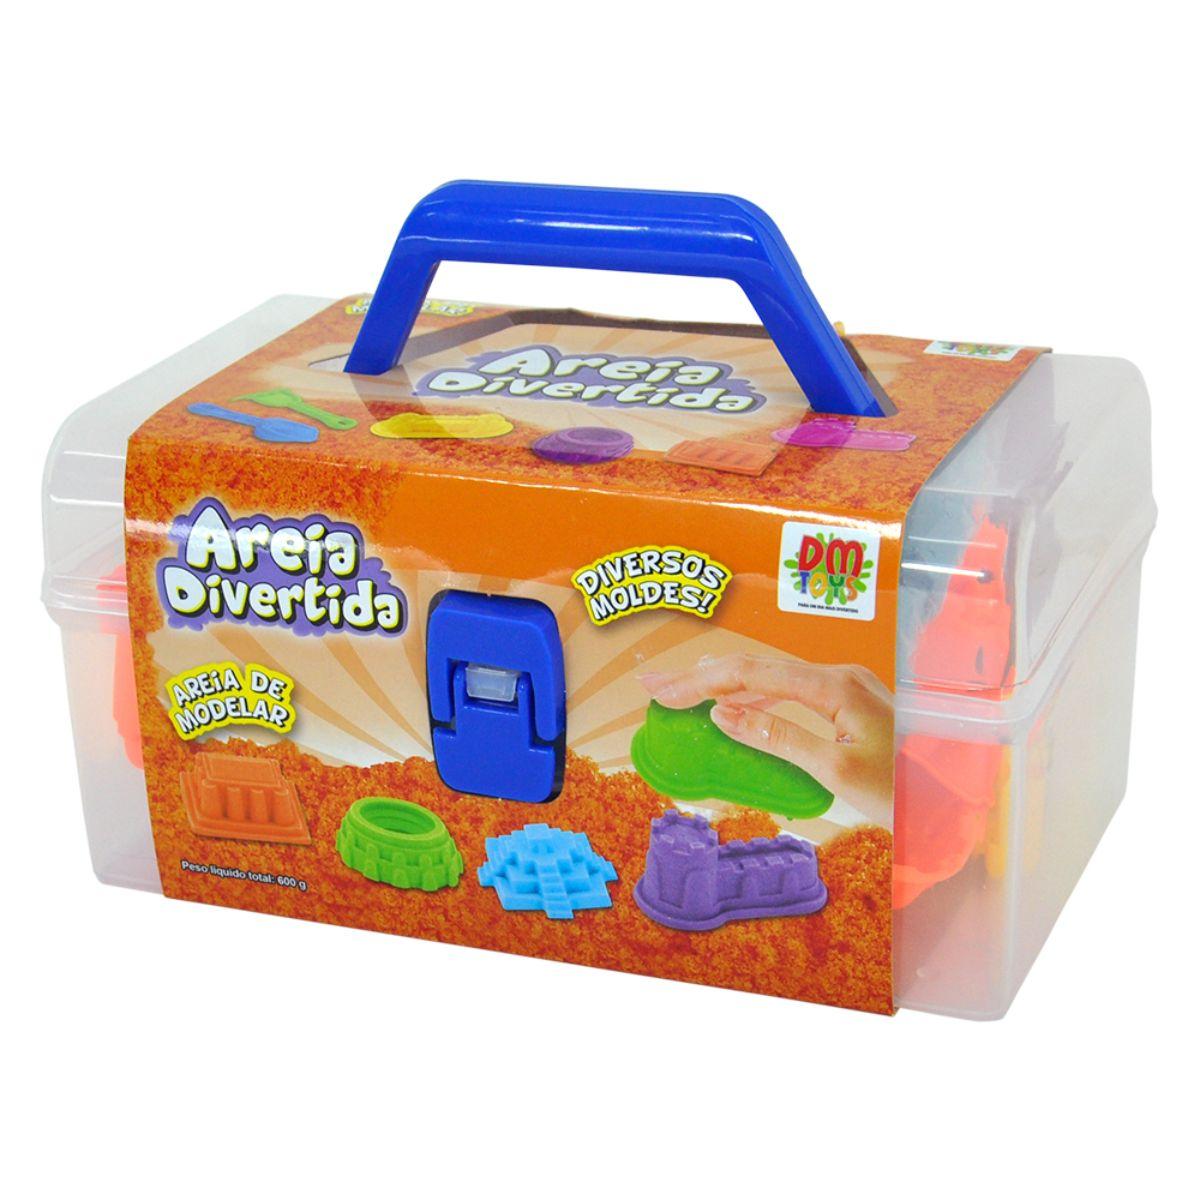 Areia Cinética Divertida Massinha de Modelar Maleta Castelo DM Toys Brinquedo